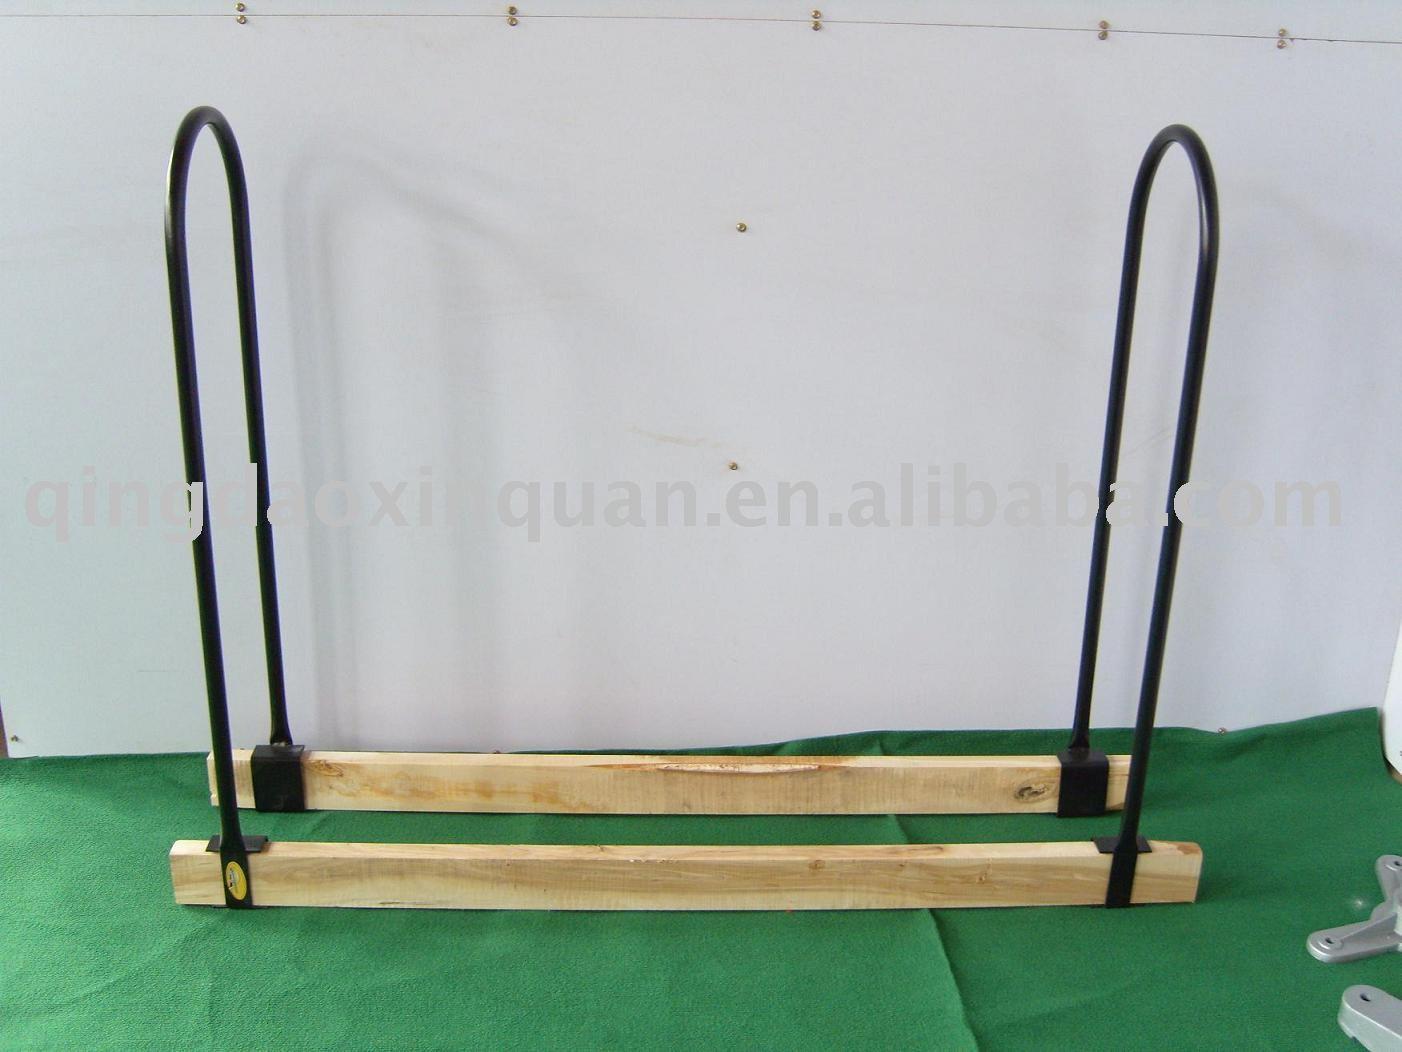 Support de stockage de bois de chauffage equipement de chemin e accesso - Support pour couper du bois de chauffage ...